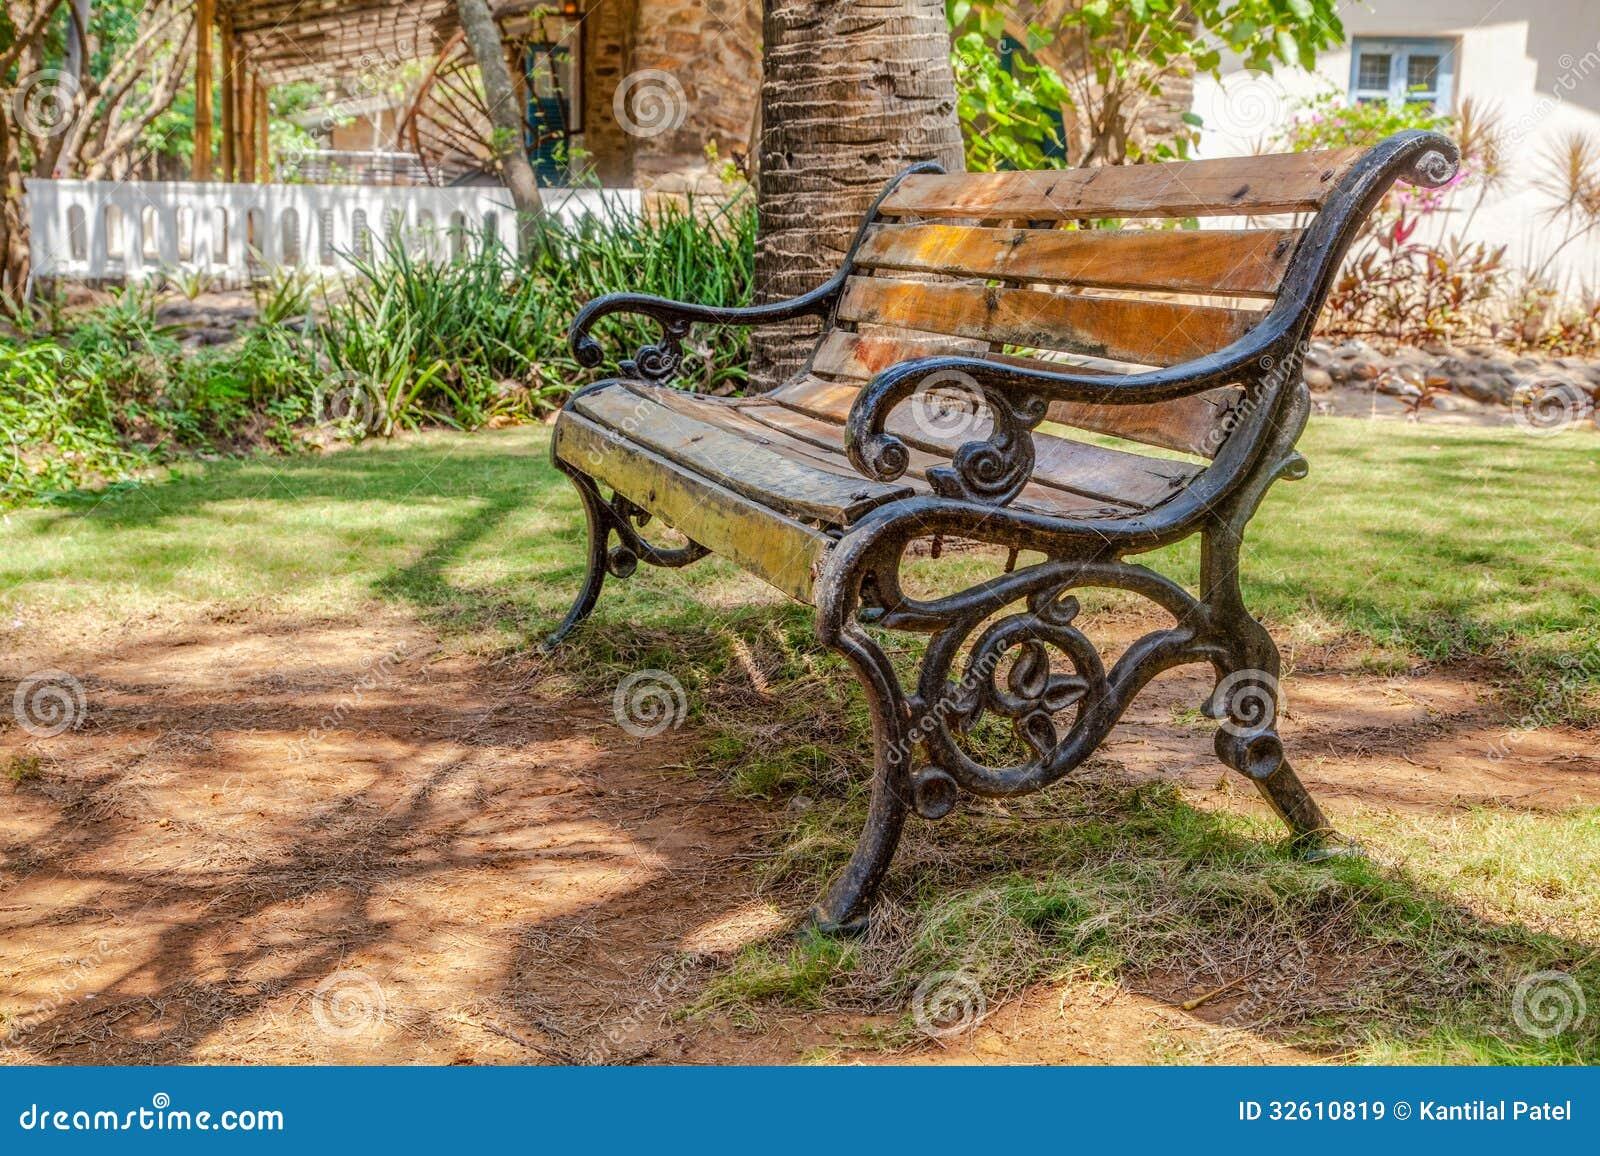 Jardin A Lamelles En Bois Shade Cr2 De Banc De Fonte Image Stock